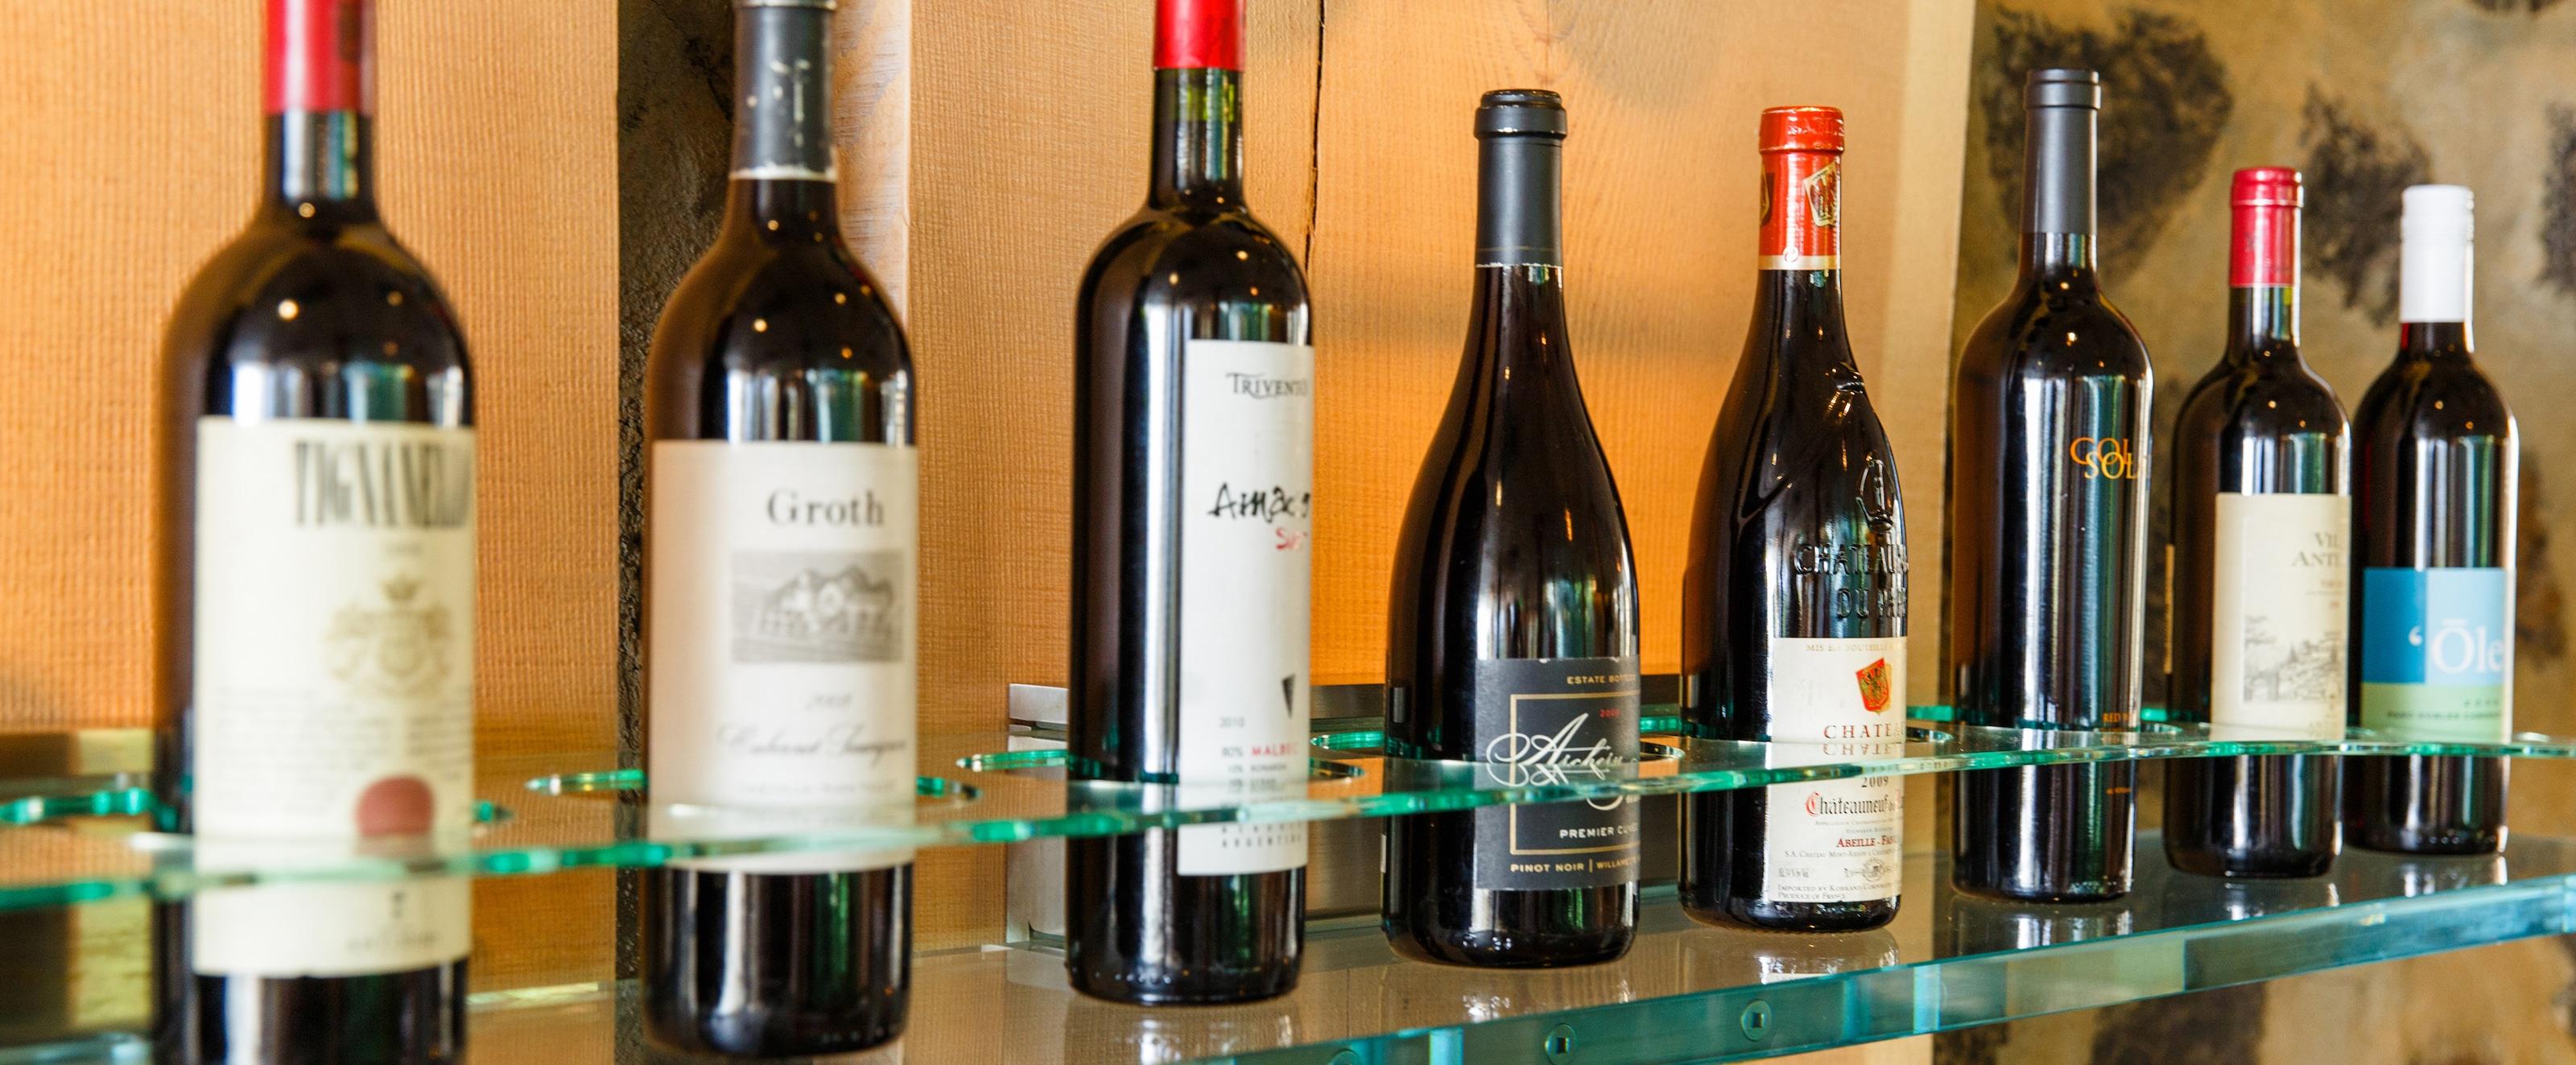 丸いスロットのガラス棚に置かれた 8 本の赤ワインのボトル